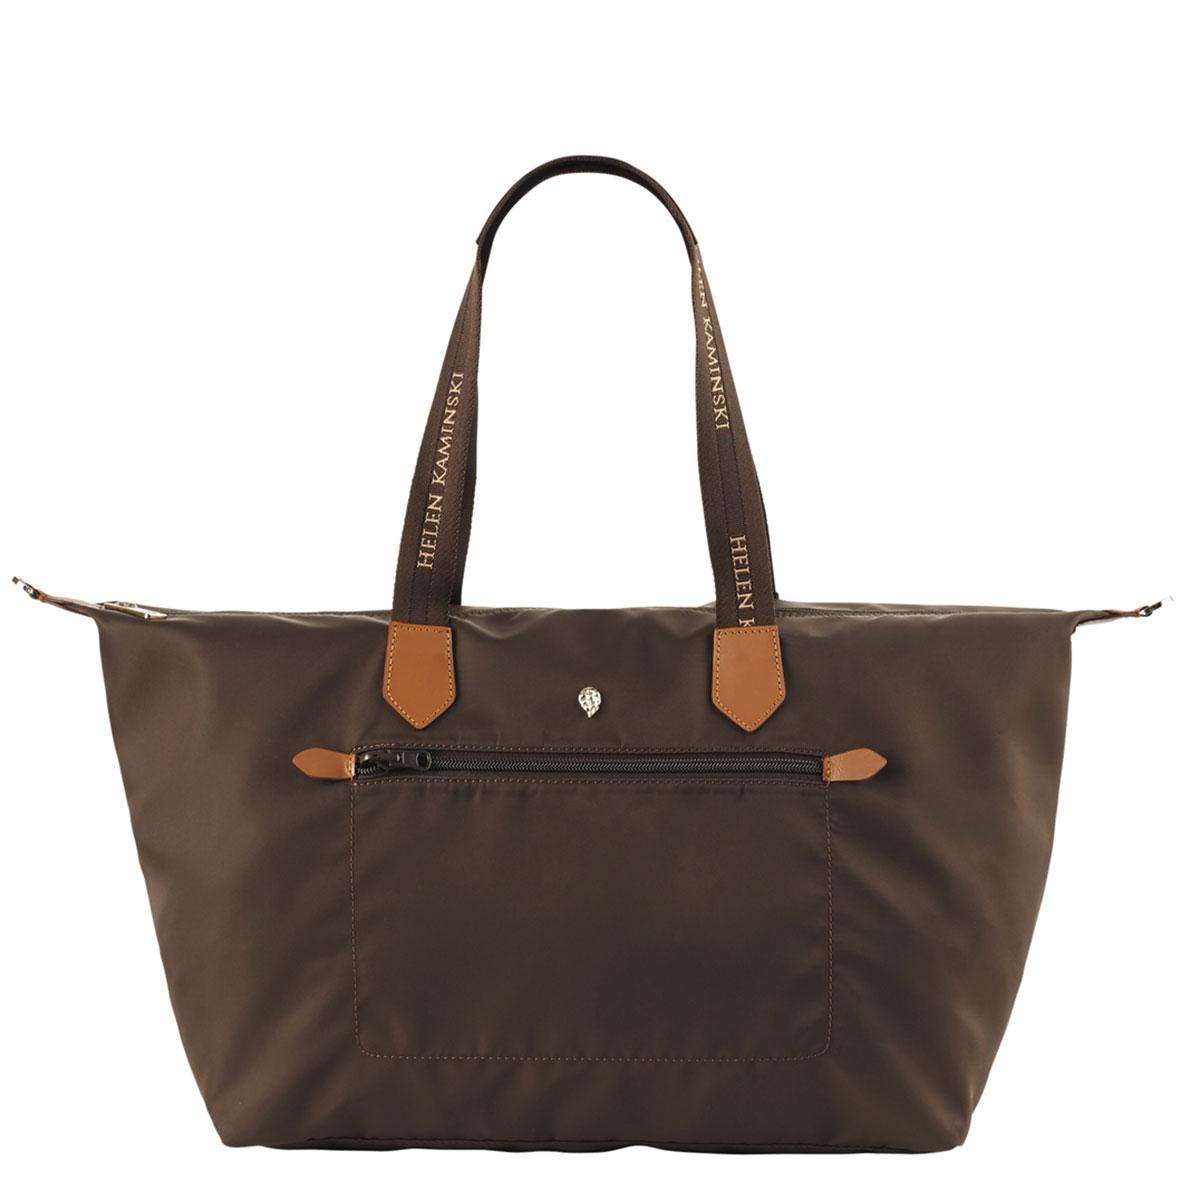 Helen Kaminski Alcie Travel Bag in Carob